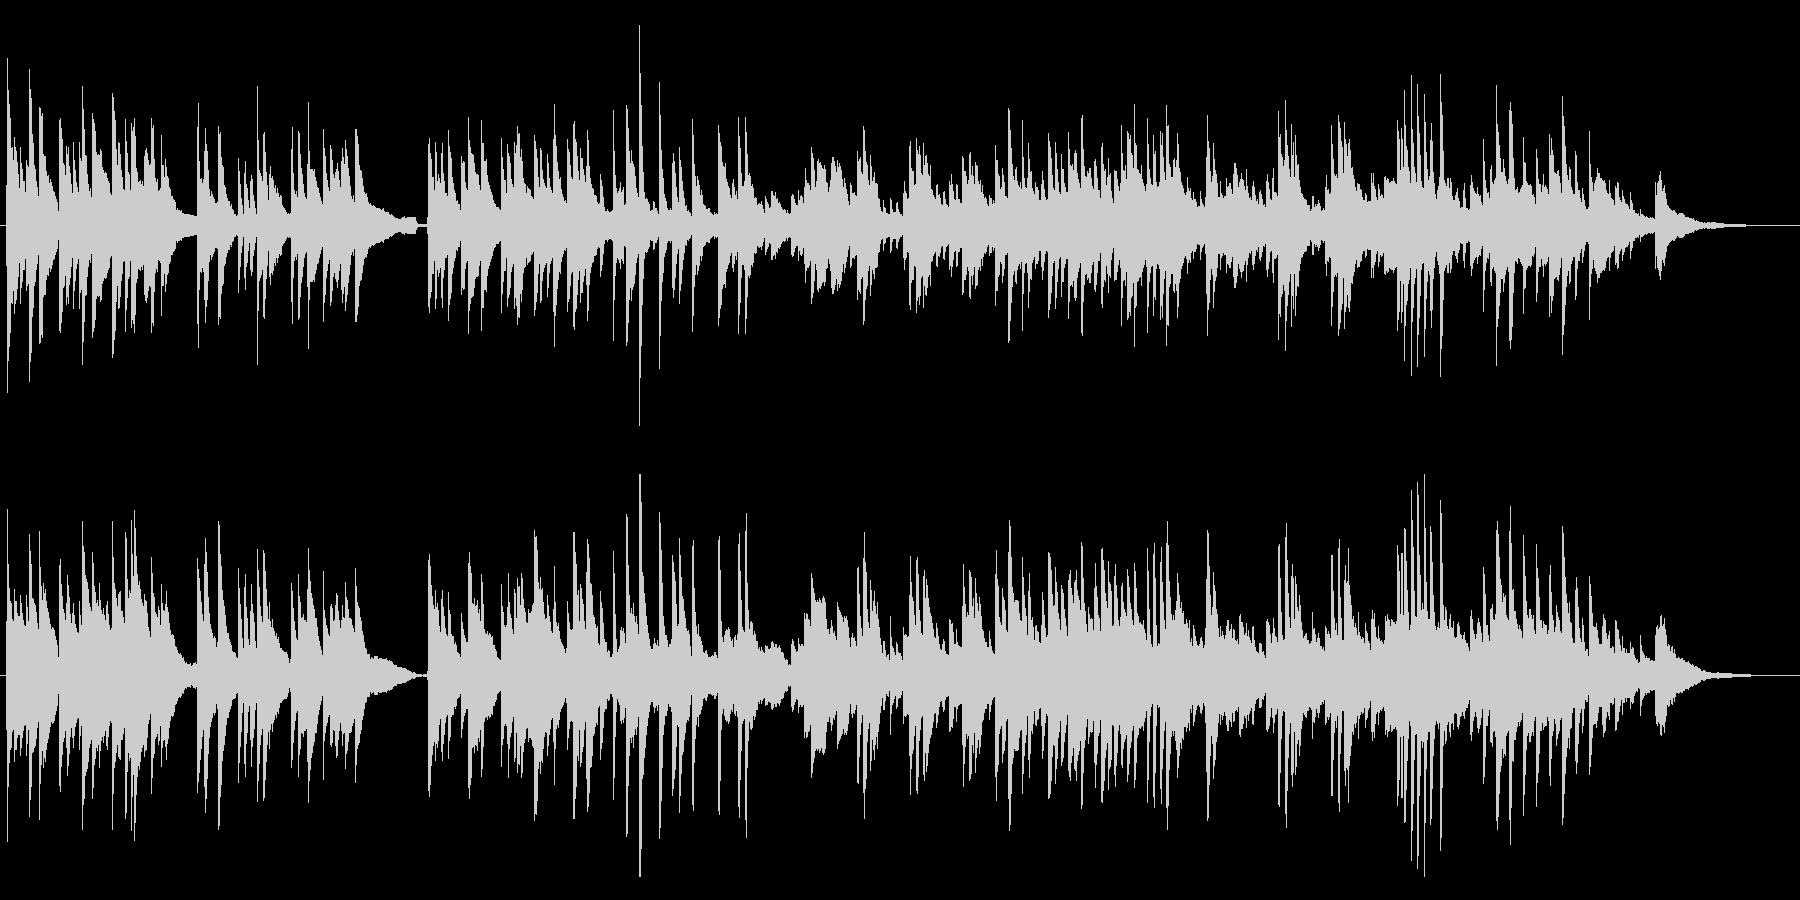 ピアノによる美しいバラード曲の未再生の波形